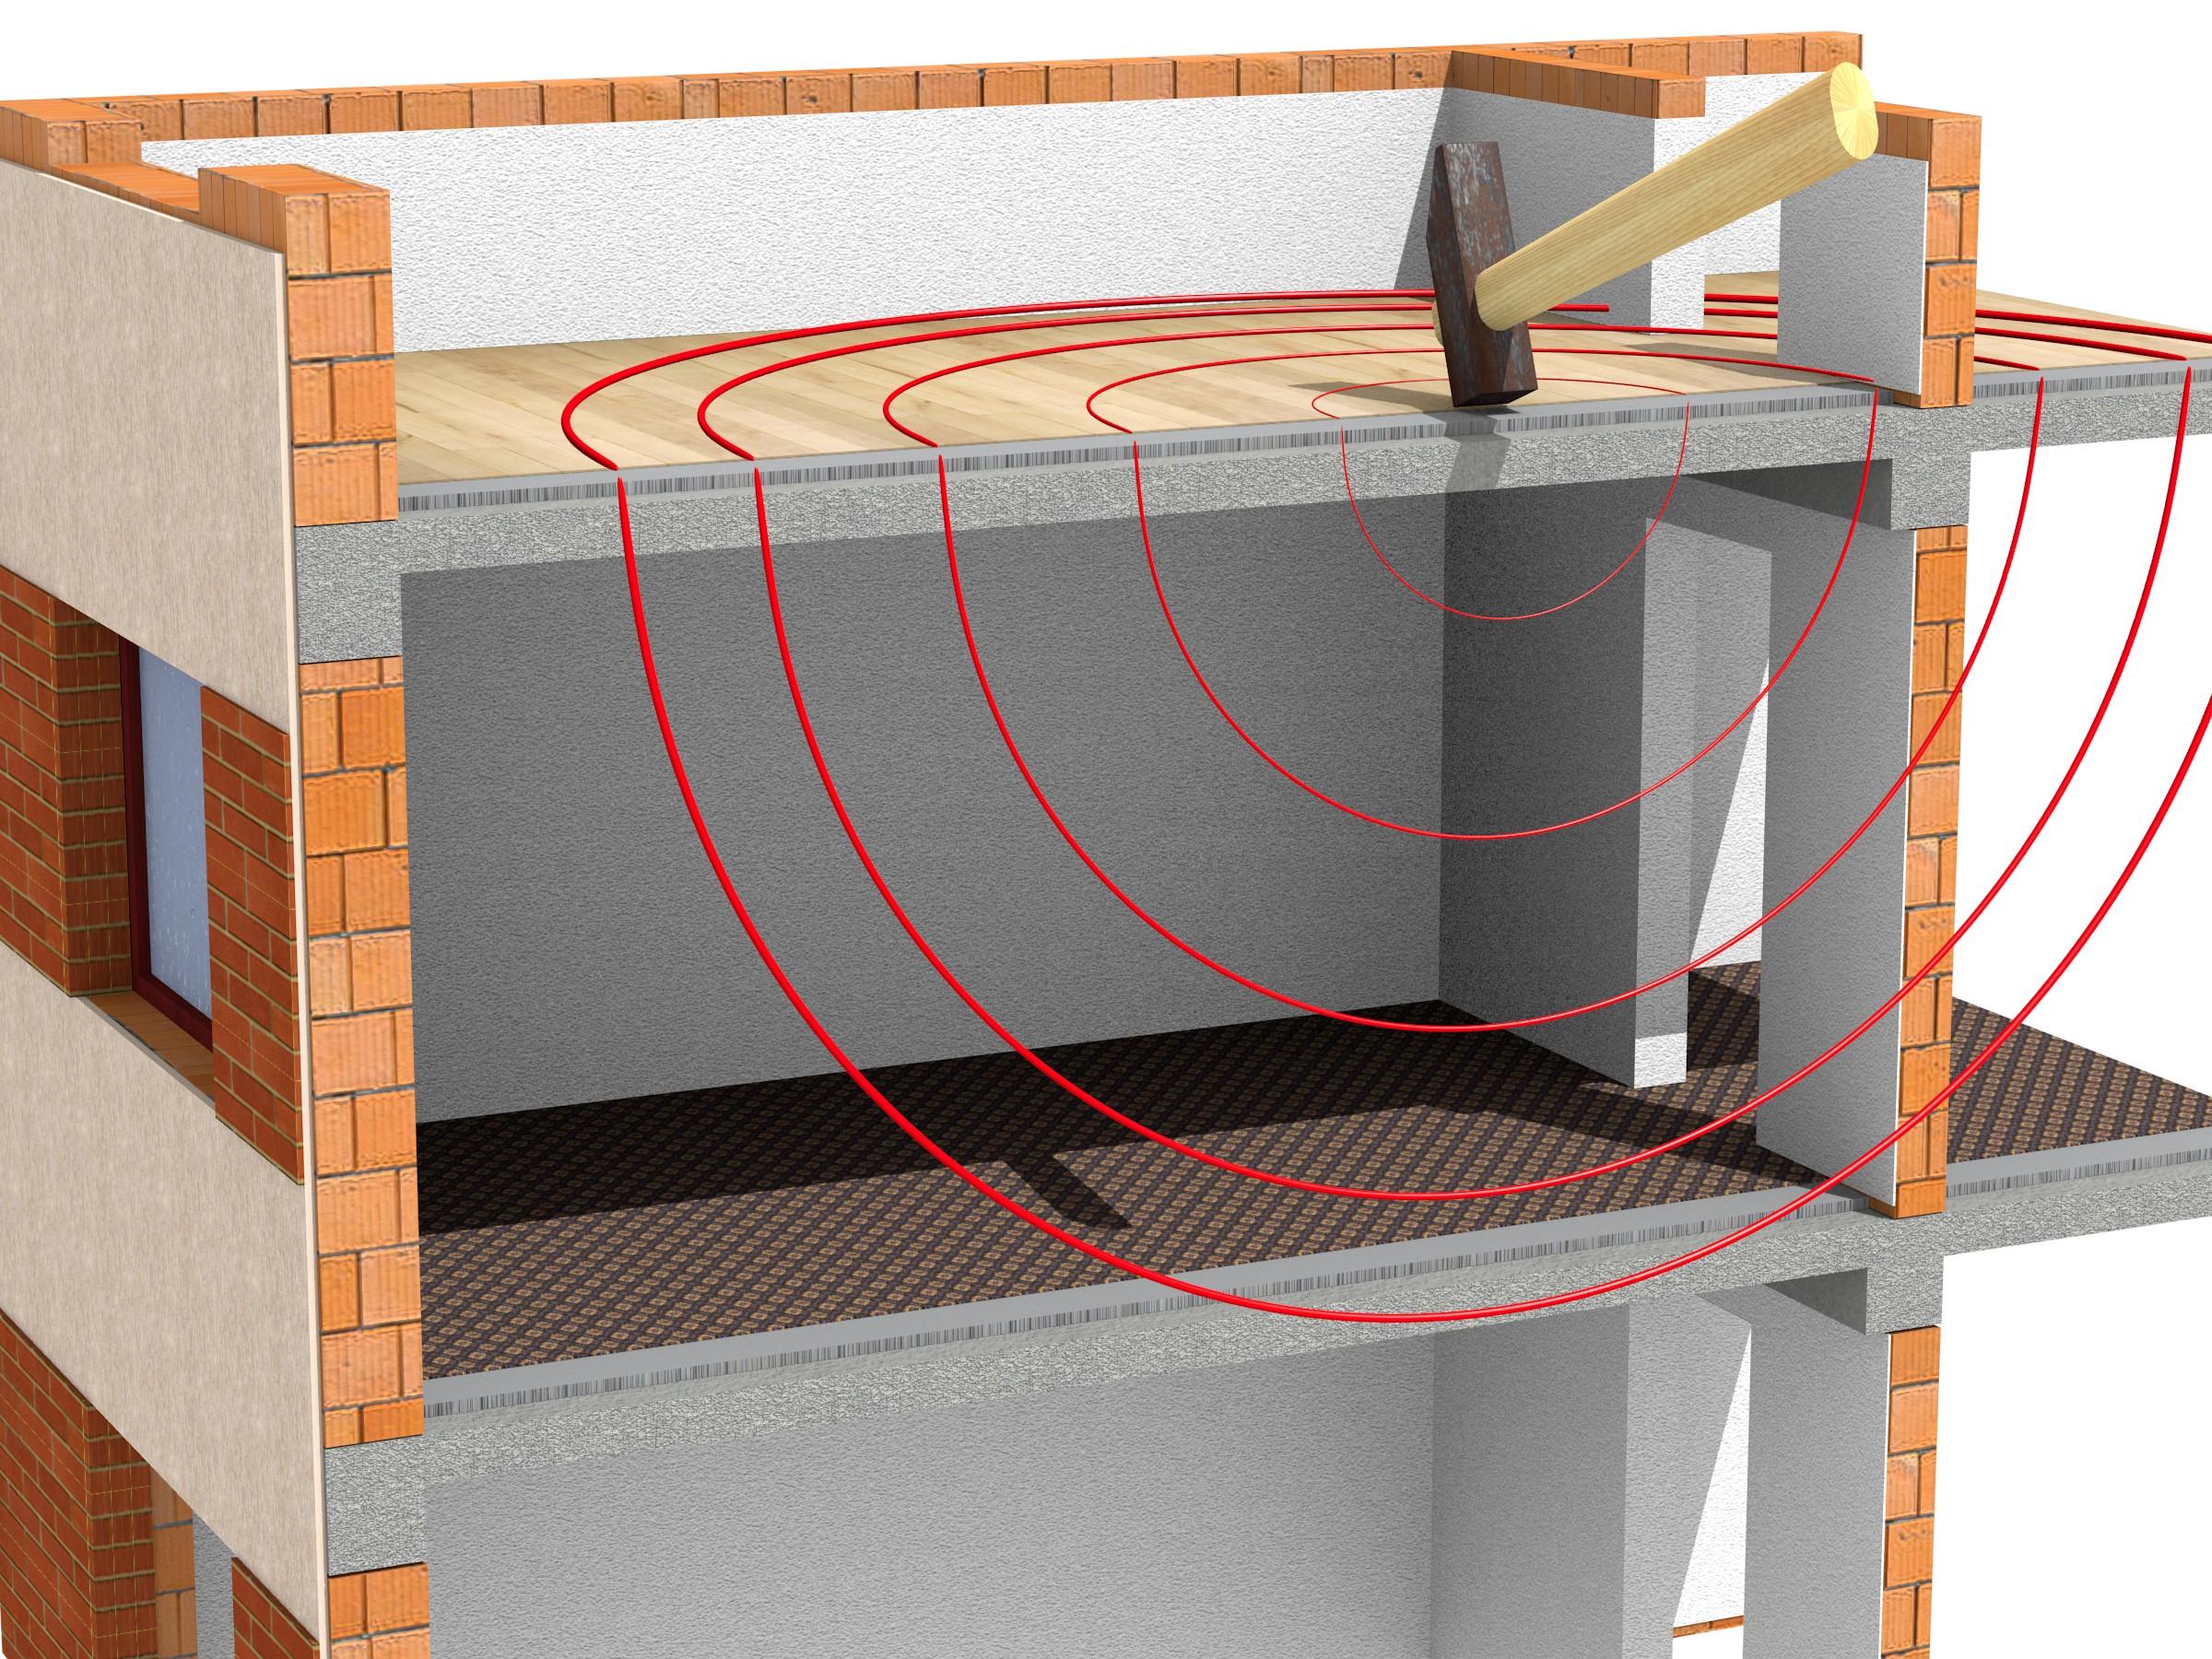 Propagarea zgomotelor de impact in constructii - Cum se transmit zgomotele de impact si de ce